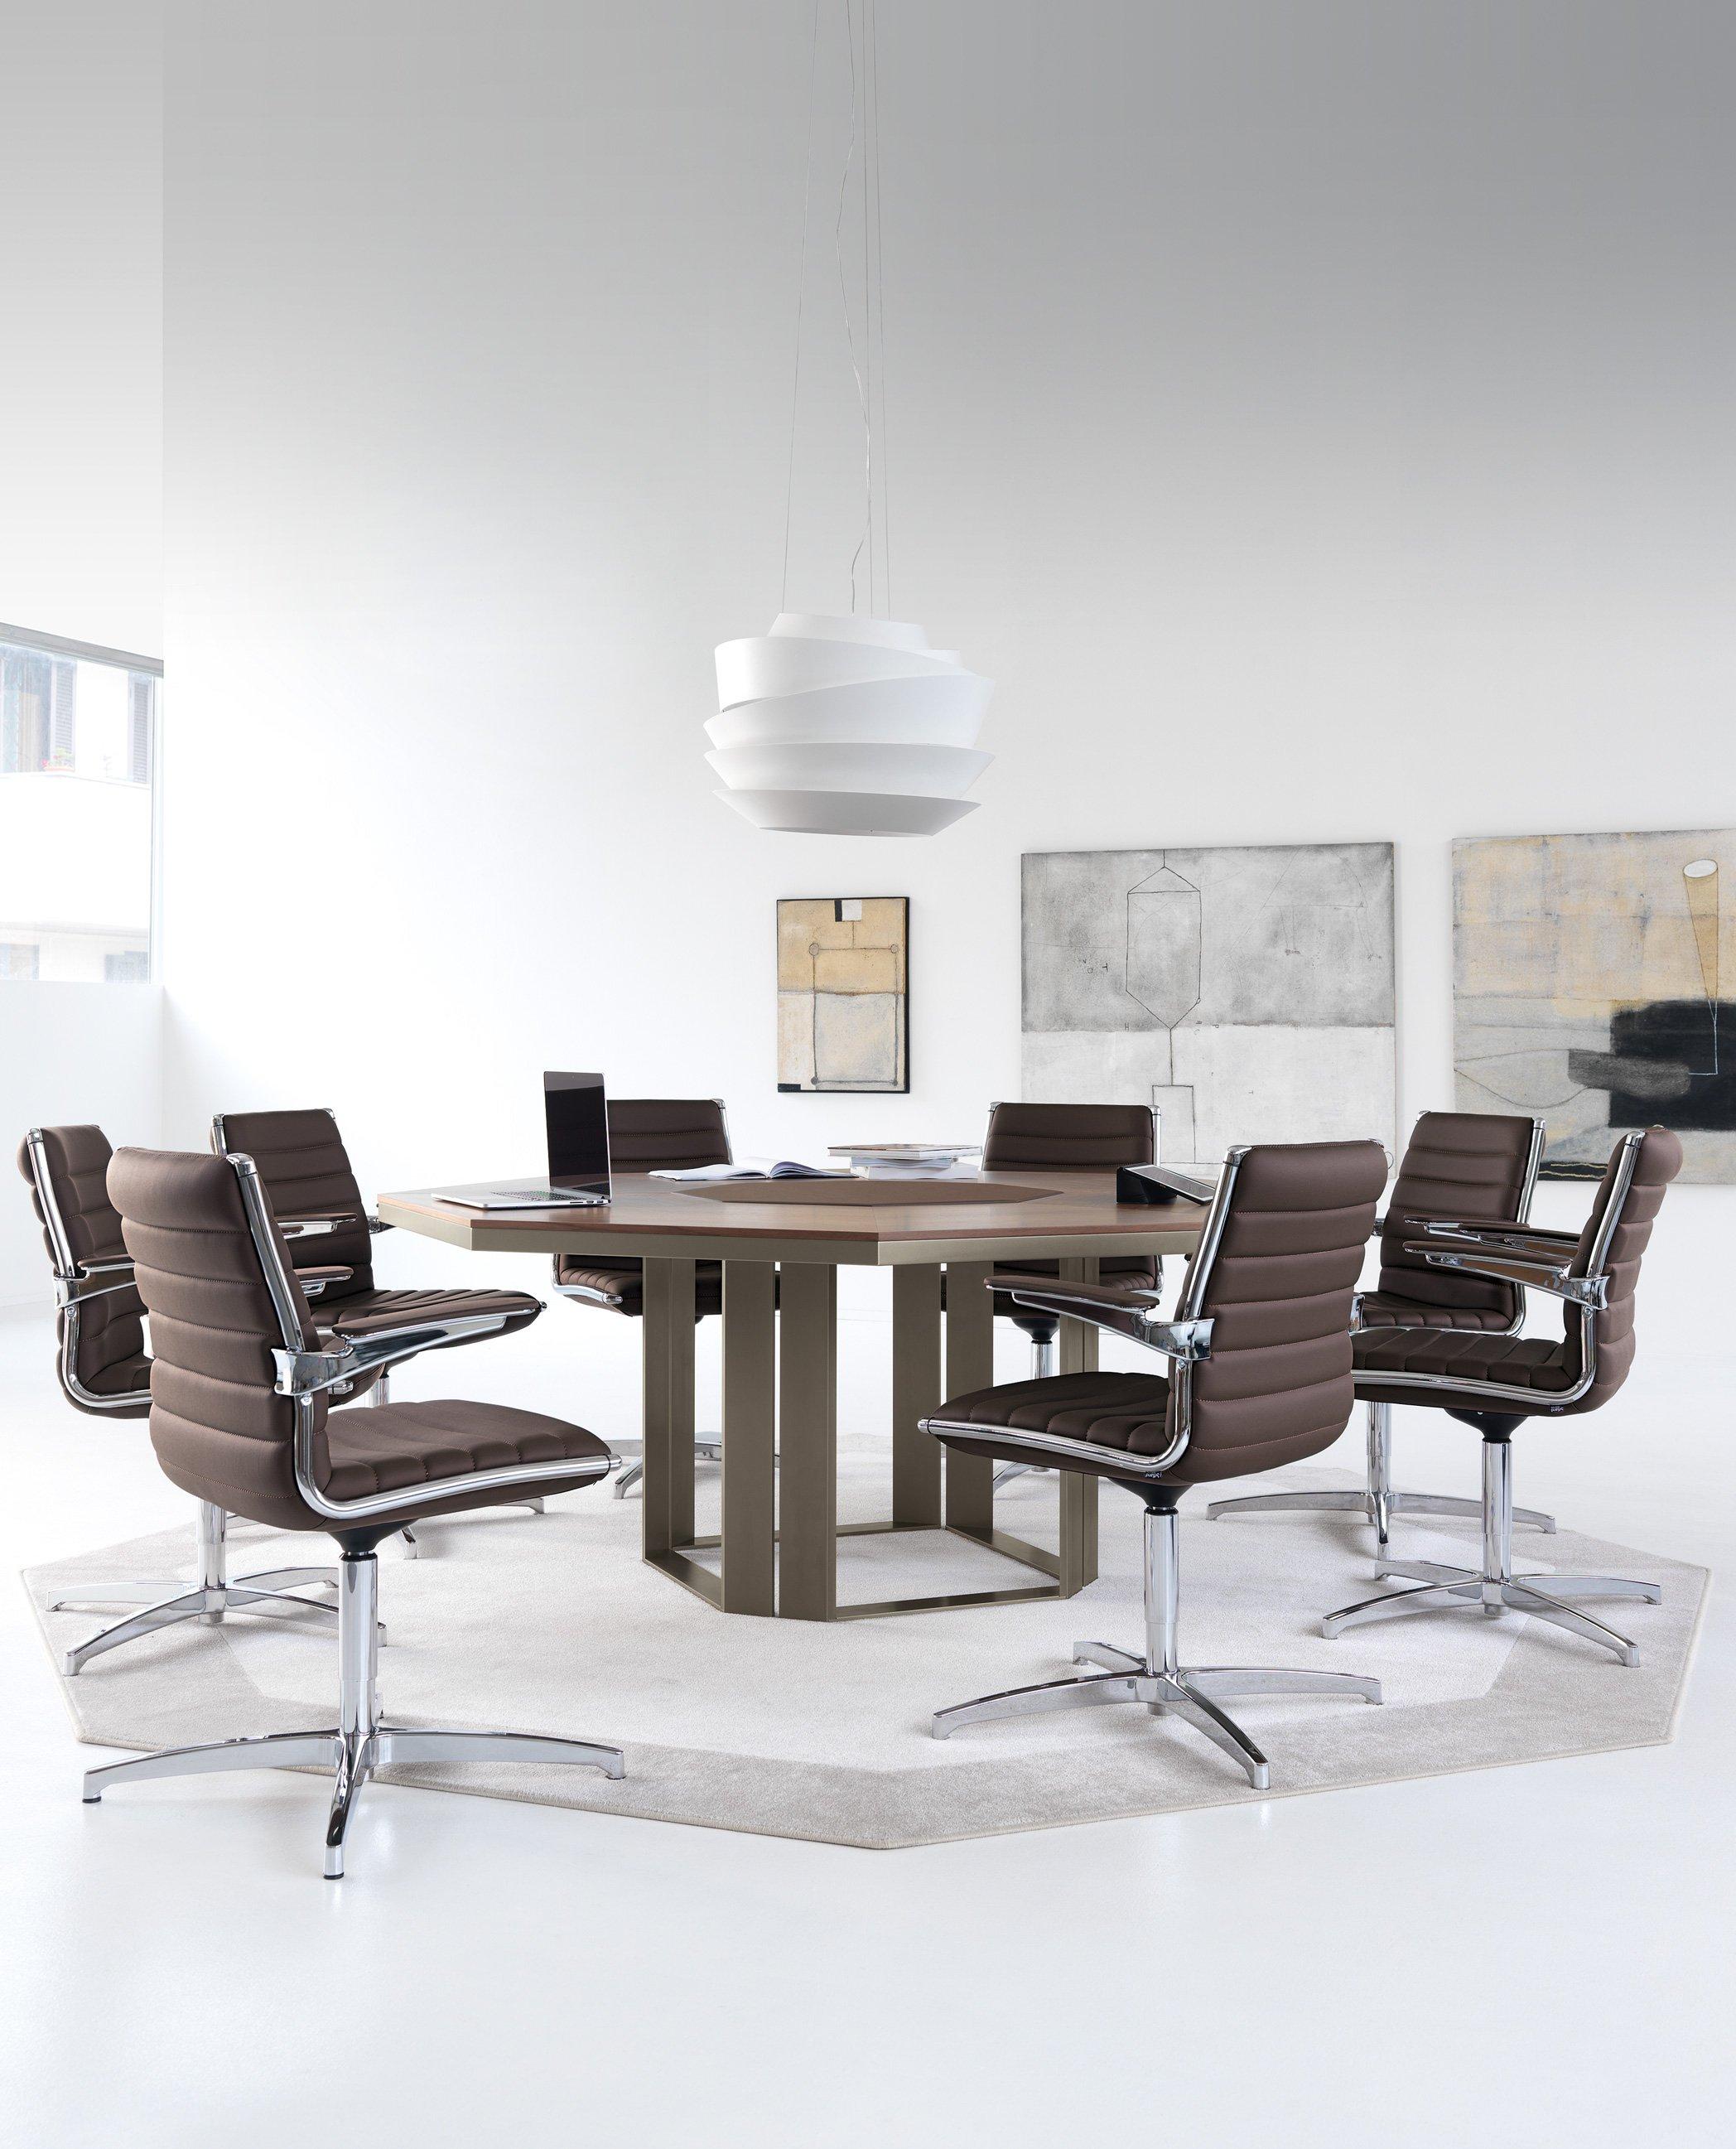 Tavoli riunione per ufficio arredamento per ufficio for Arredamento office